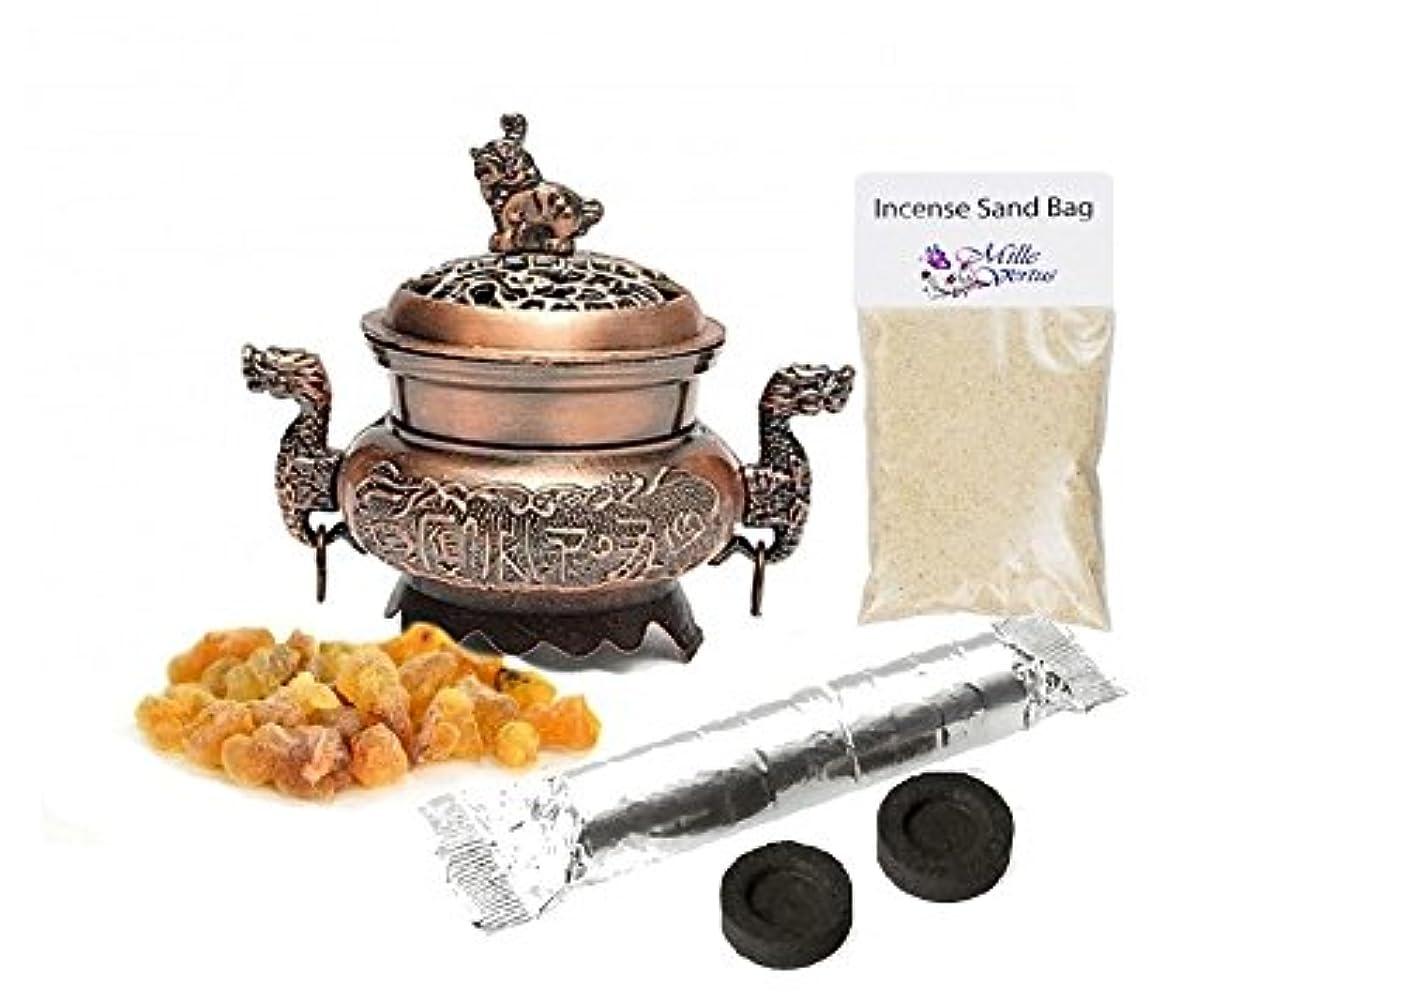 なかなか模倣タバコダブルドラゴン香炉ホルダーwithアラビアガムAcacia樹脂Incense Burningキット(銅)